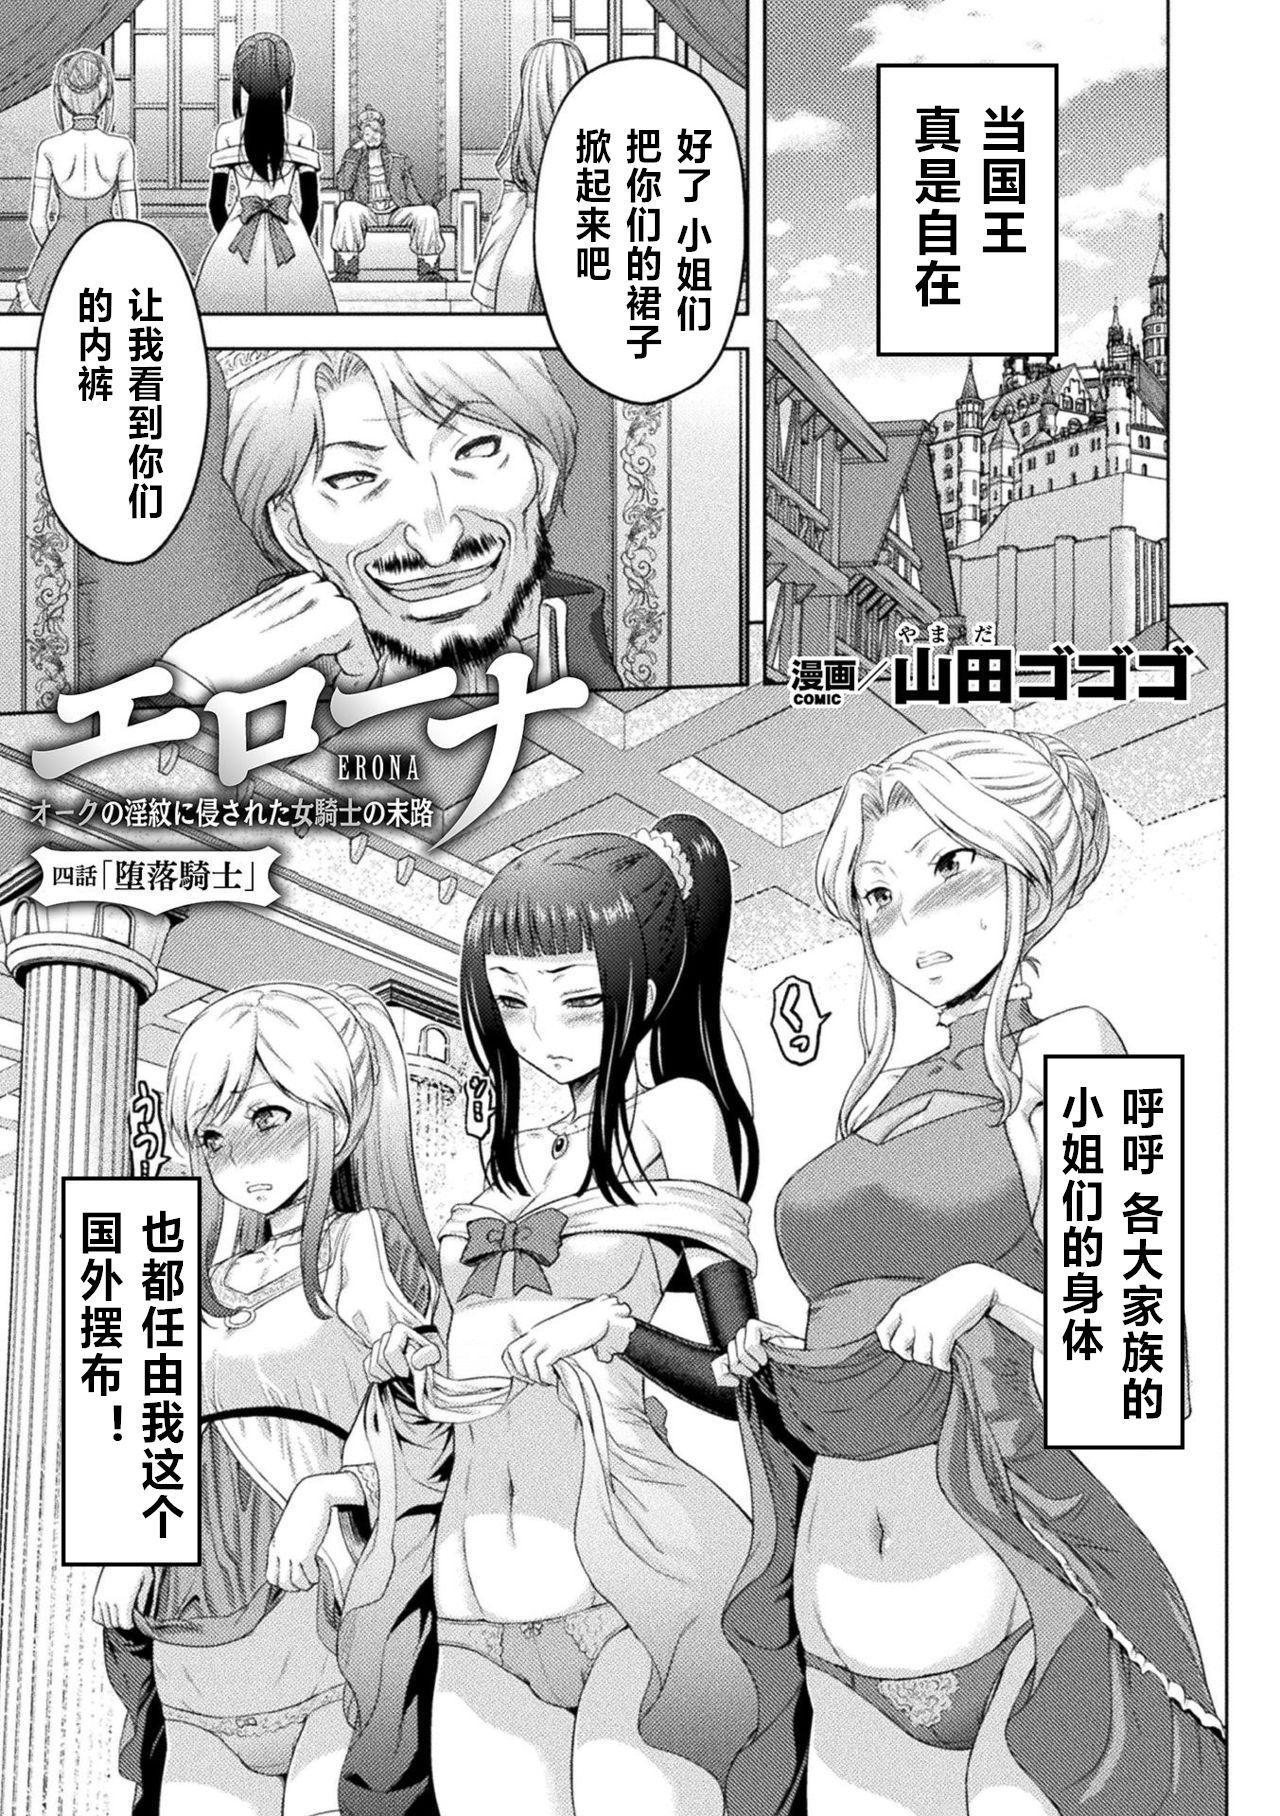 ERONA Orc no Inmon ni Okasareta Onna Kishi no Matsuro Ch. 1-5 78